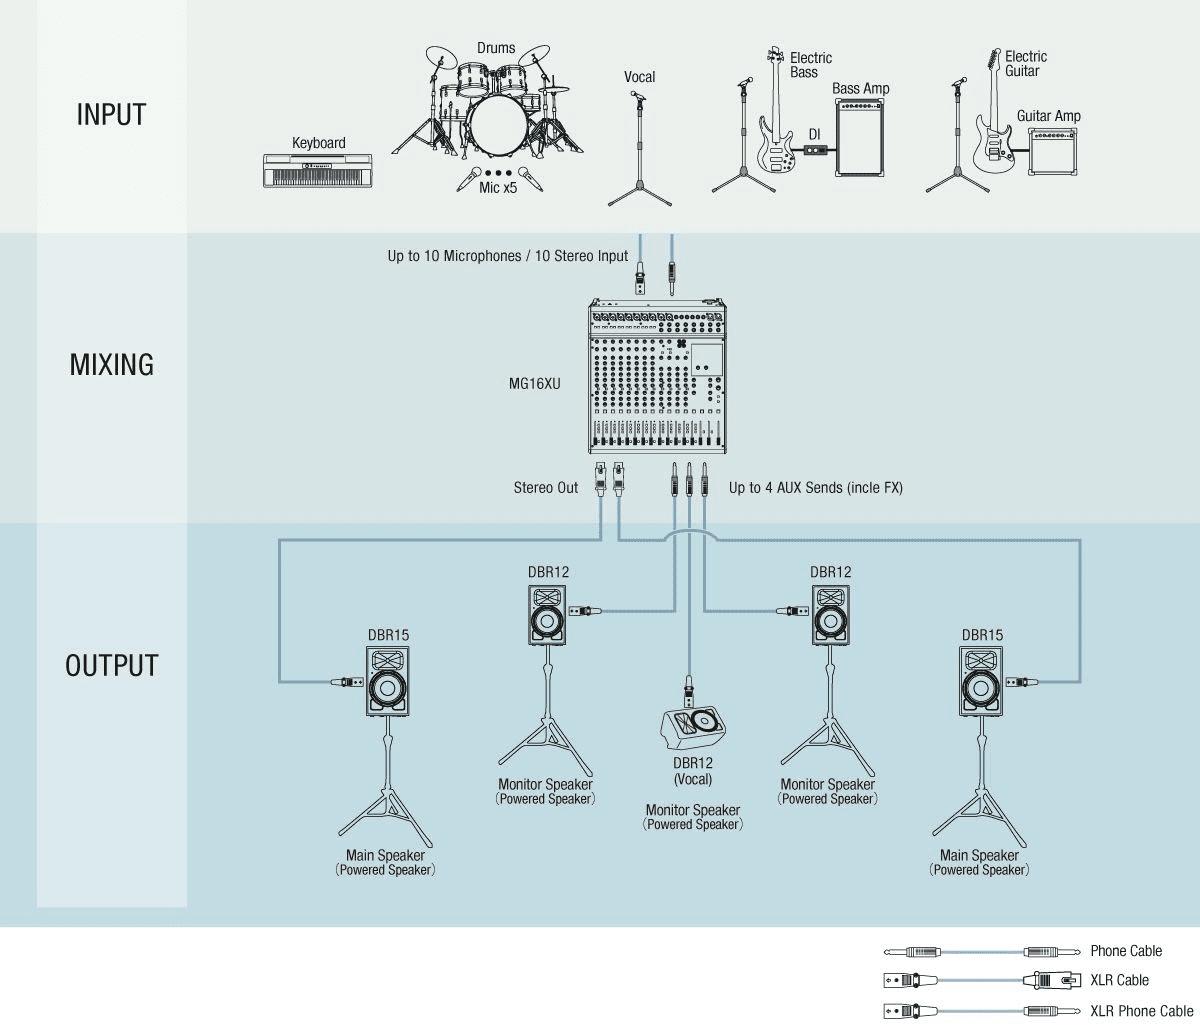 hệ thống âm thanh sân khấu